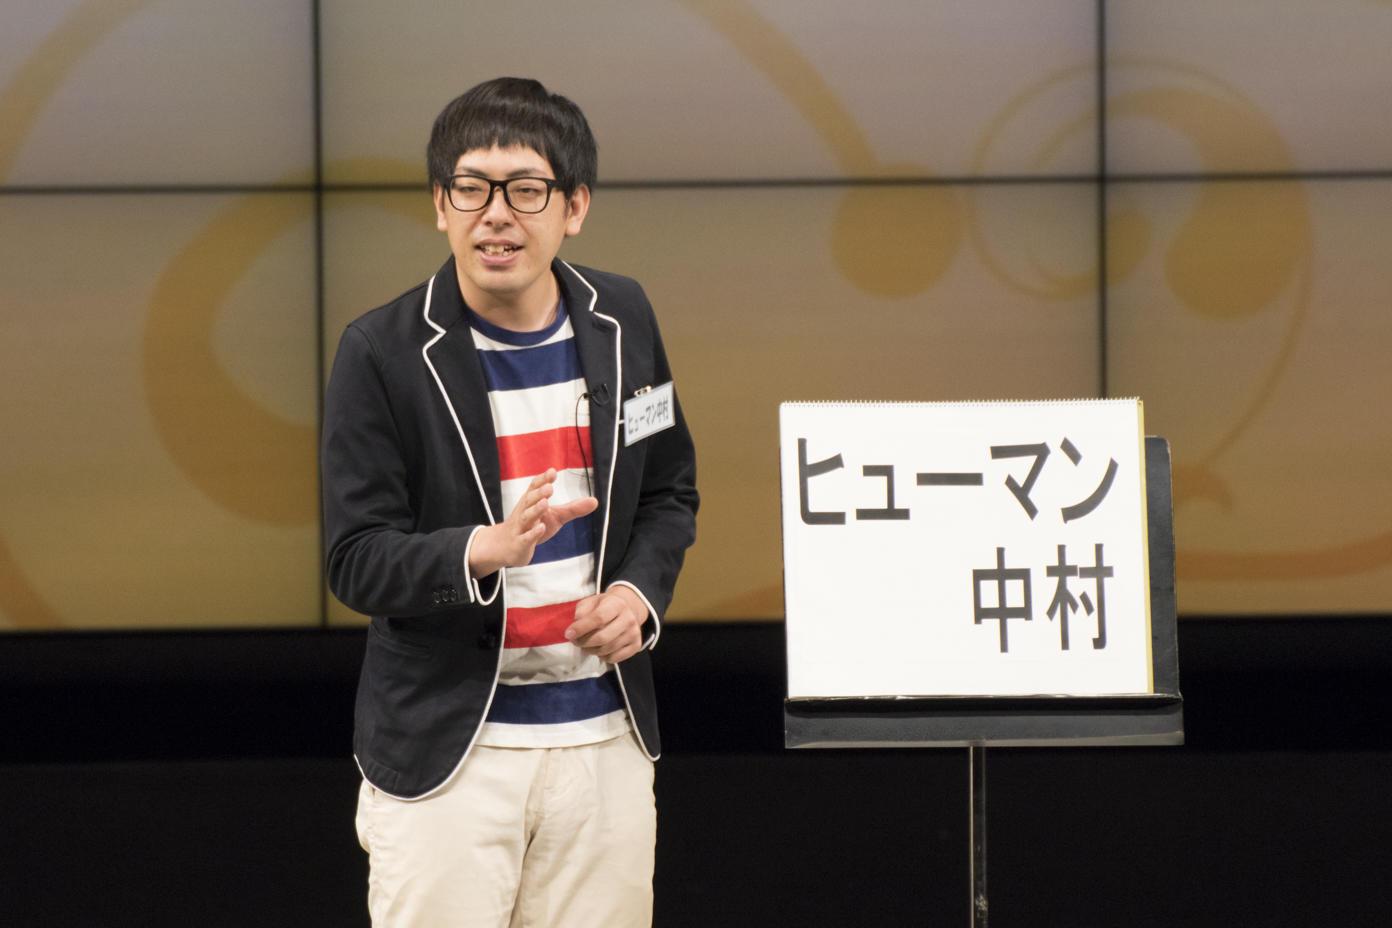 http://news.yoshimoto.co.jp/20160824233108-40f037382d3c67e7c3d9e81b0d1913eee2d5f89a.jpg